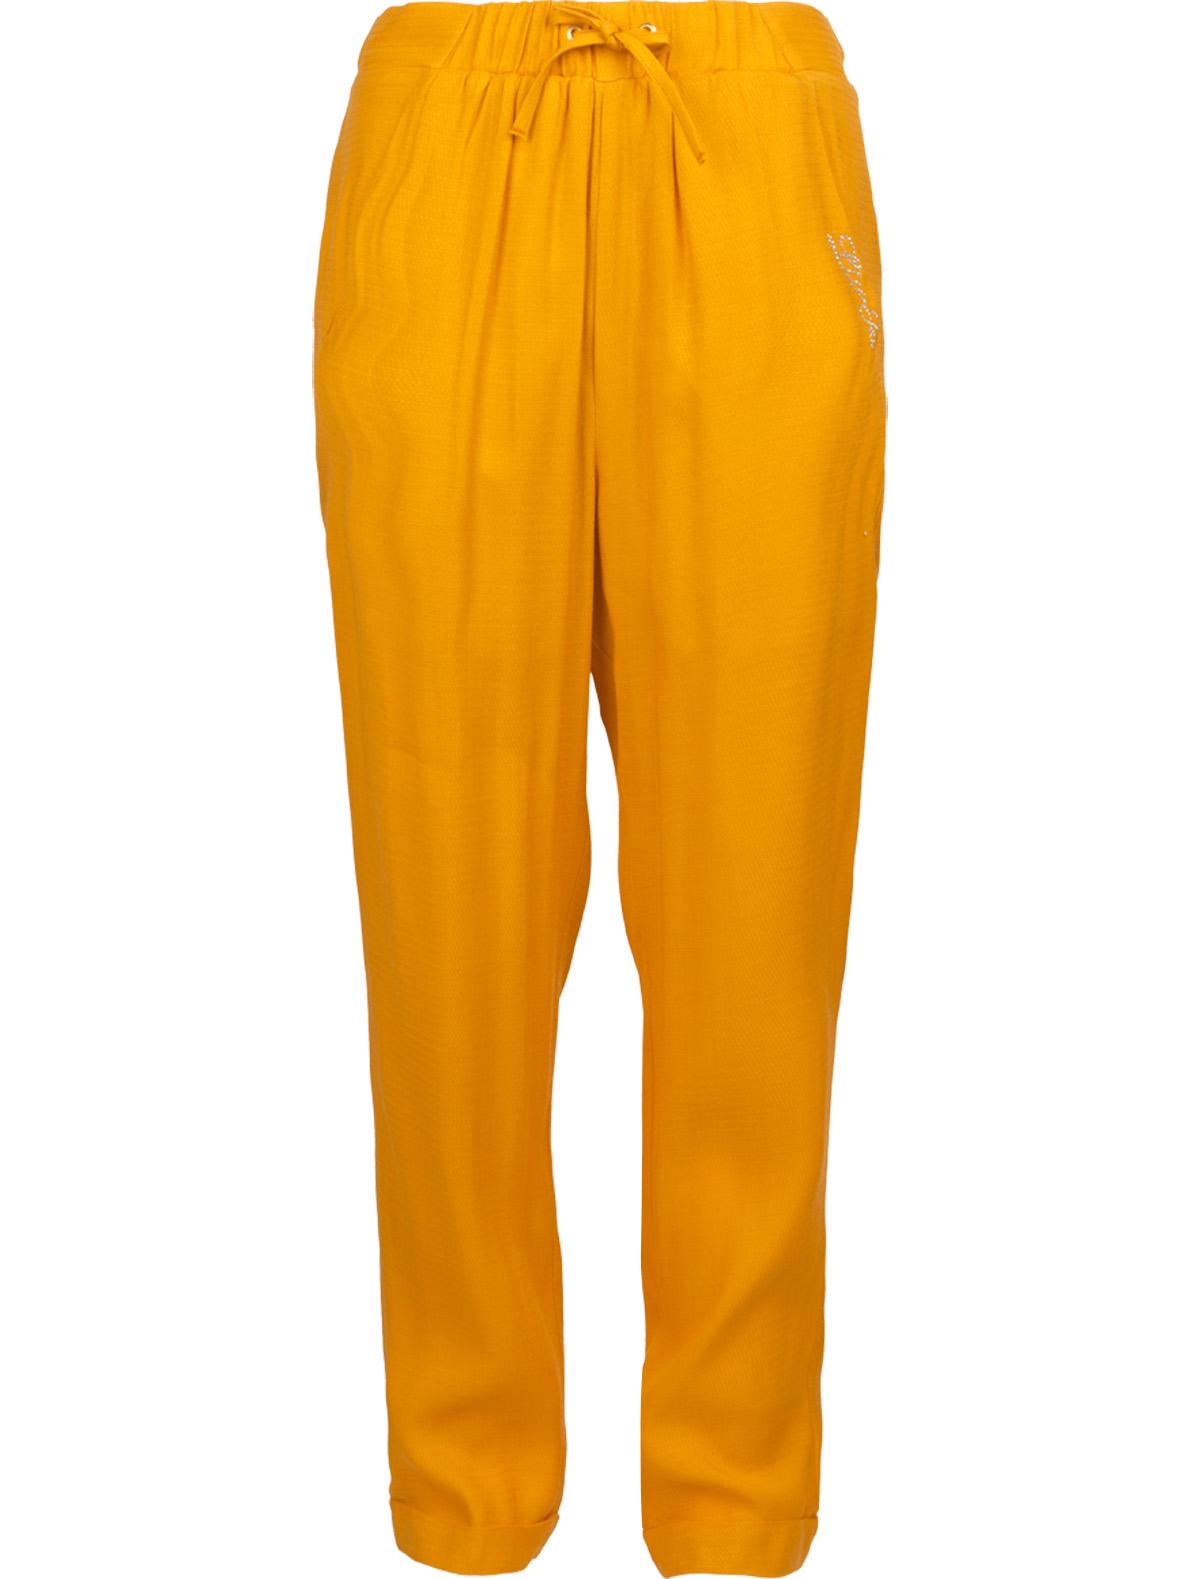 Купить 1878105, Брюки Liu Jo Junior, оранжевый, Женский, 1082409670335